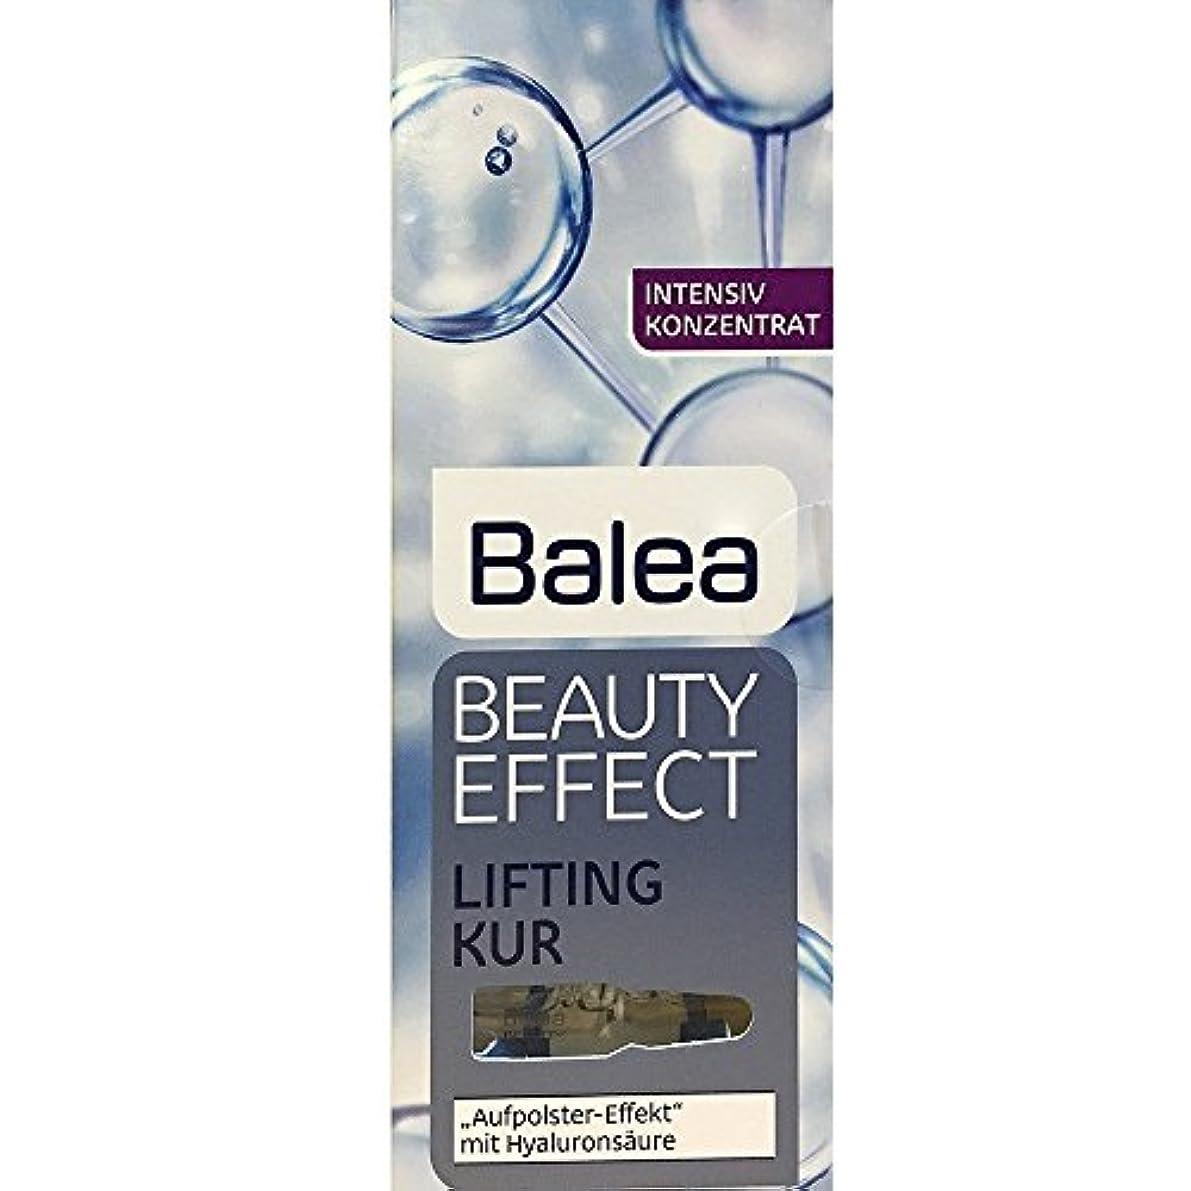 九西部ペッカディロBalea Beauty Effect Lifting Kur 7x1ml by Balea